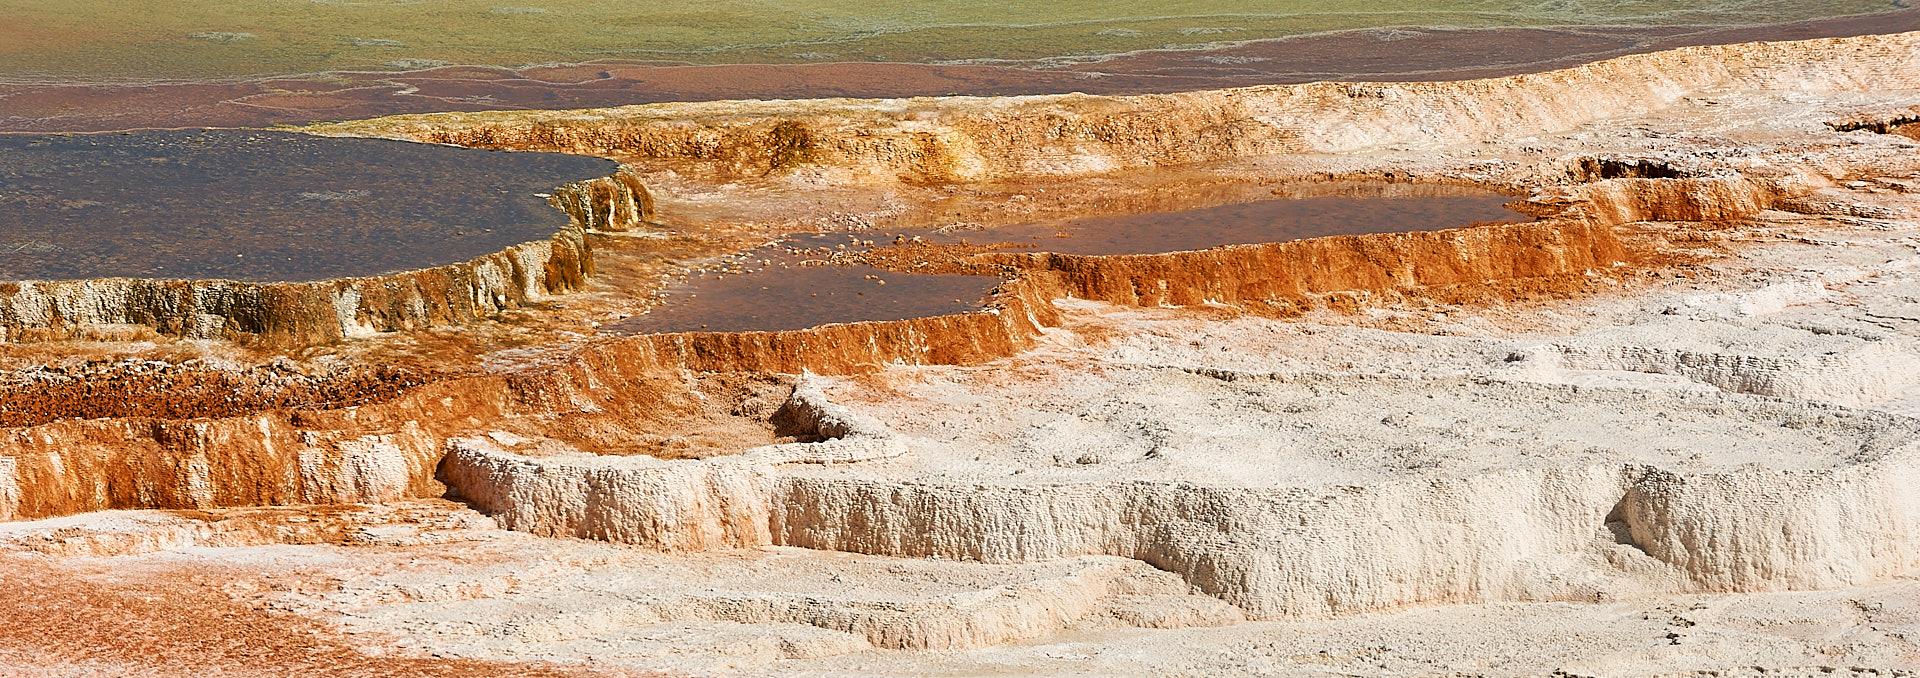 Dieses Naturbild zeigt ein typisches Detail der Quellen auf dem Plateau des Mammoth Hot Springs im Yellowstone Nationalpark.Kamera: NIKON D3X Brennweite: 200mm 1/400 s bei Blende f/11.0